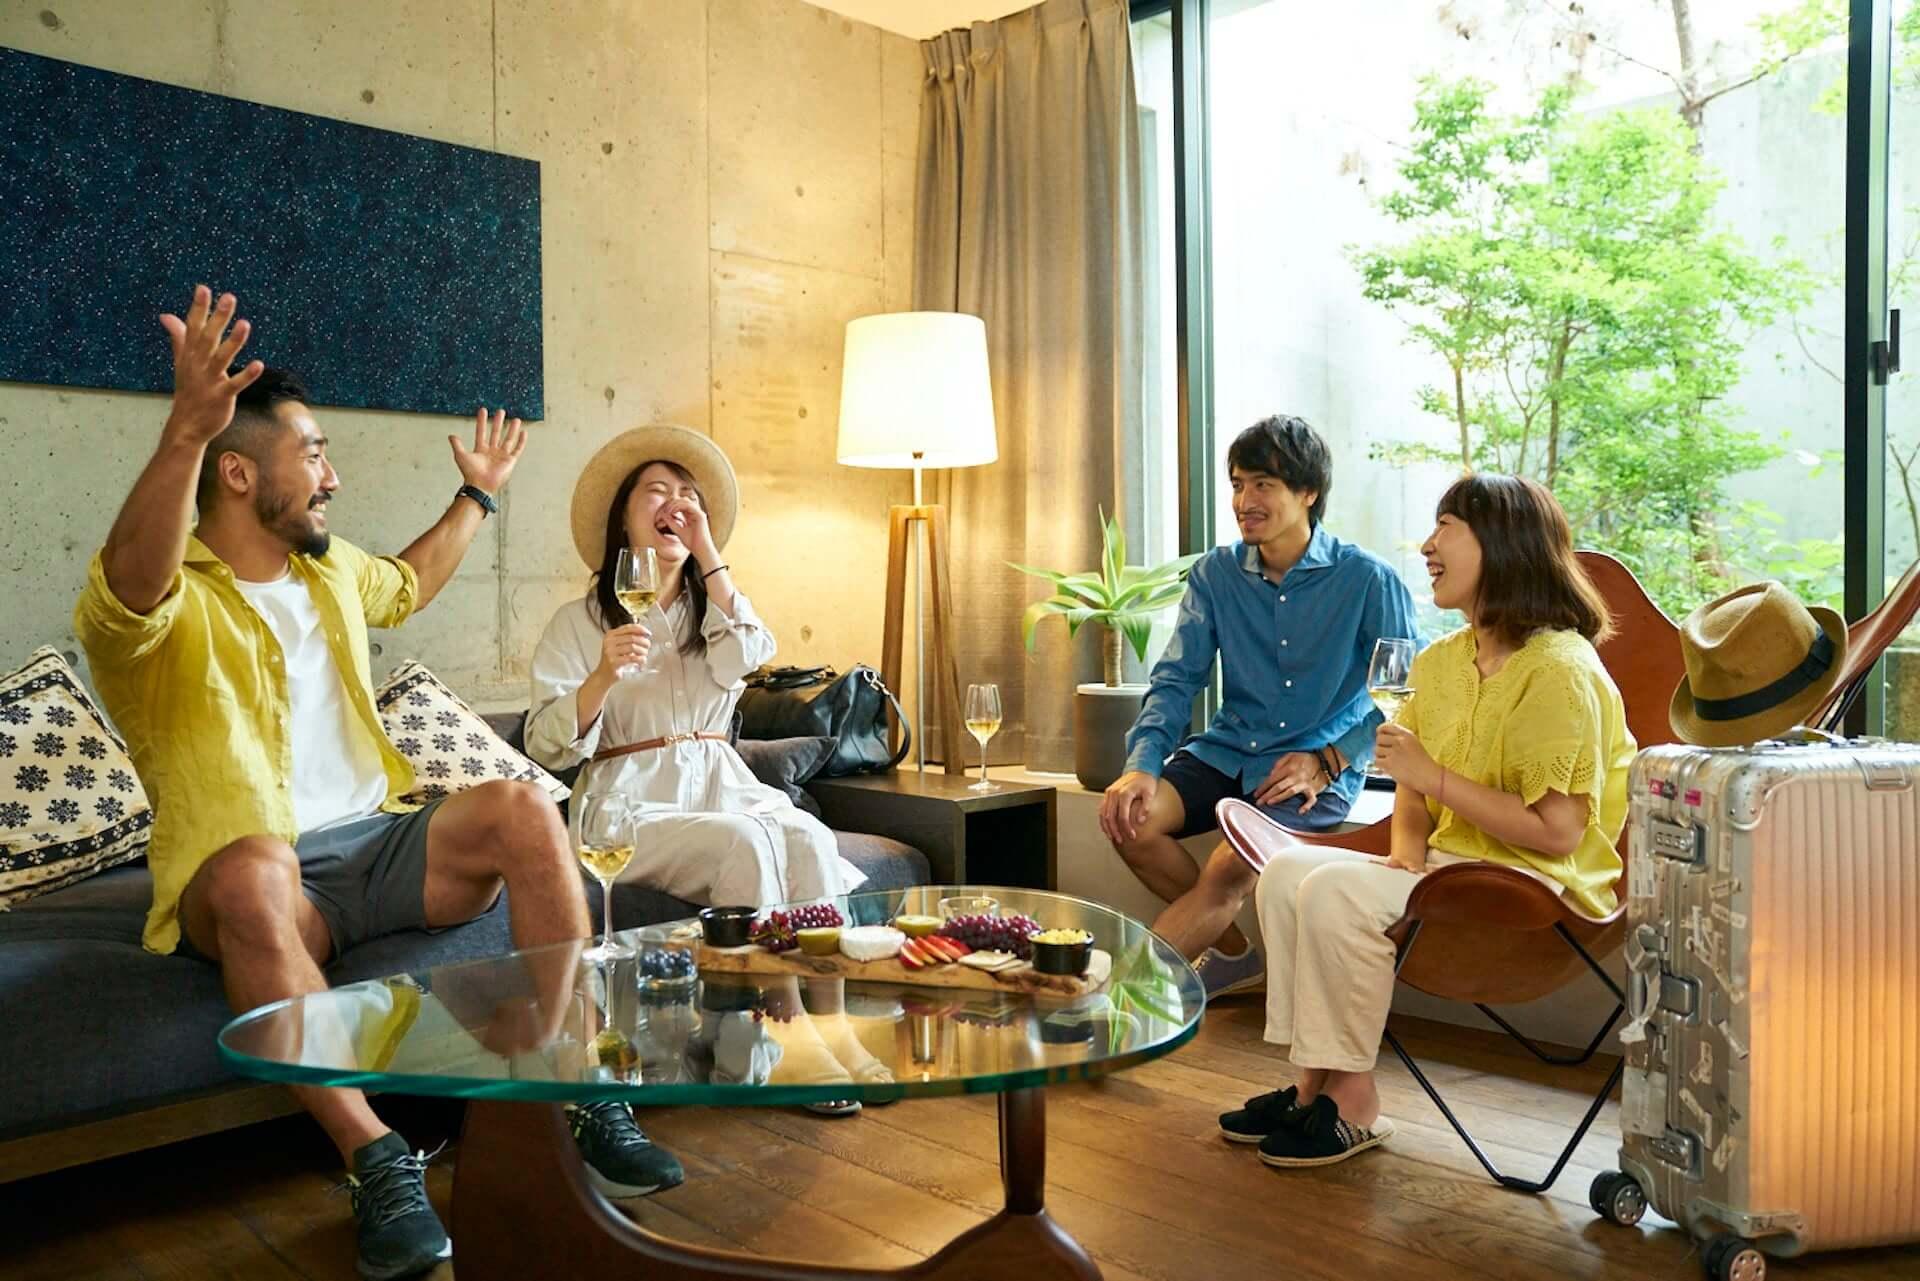 スタジオタイプの隠れ家ホテル・京都「22 PIECES」が営業再開決定!無料招待券のプレゼント企画も実施 lf201022_22pieces_17-1920x1281